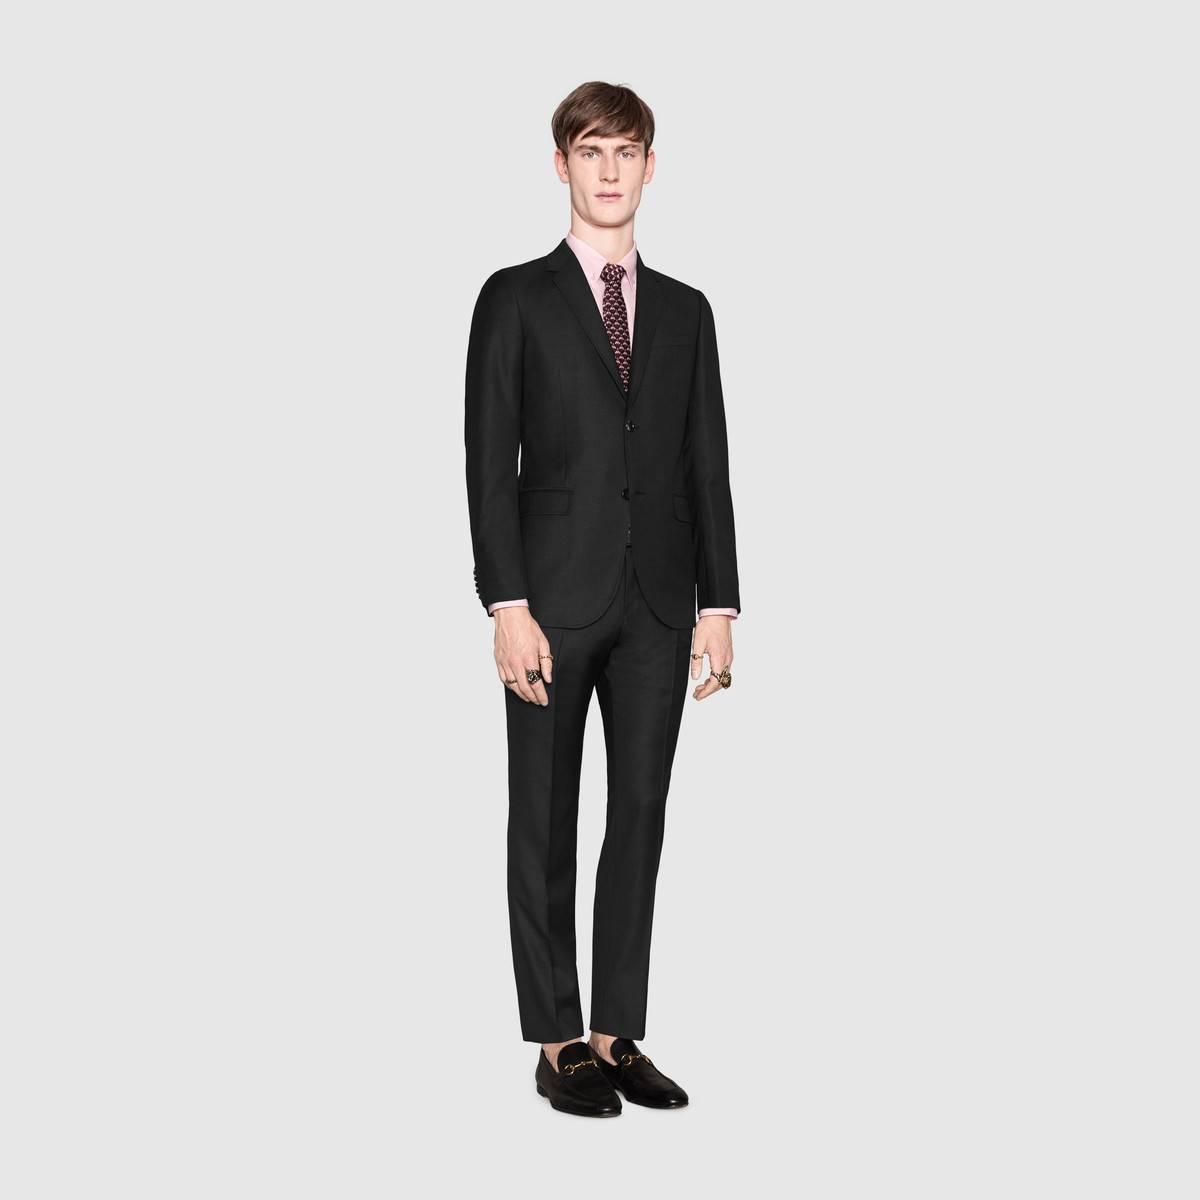 Vestiti Eleganti Giovanili.Abiti Da Cerimonia Da Uomo Autunno Inverno 2018 2019 Dai Modelli